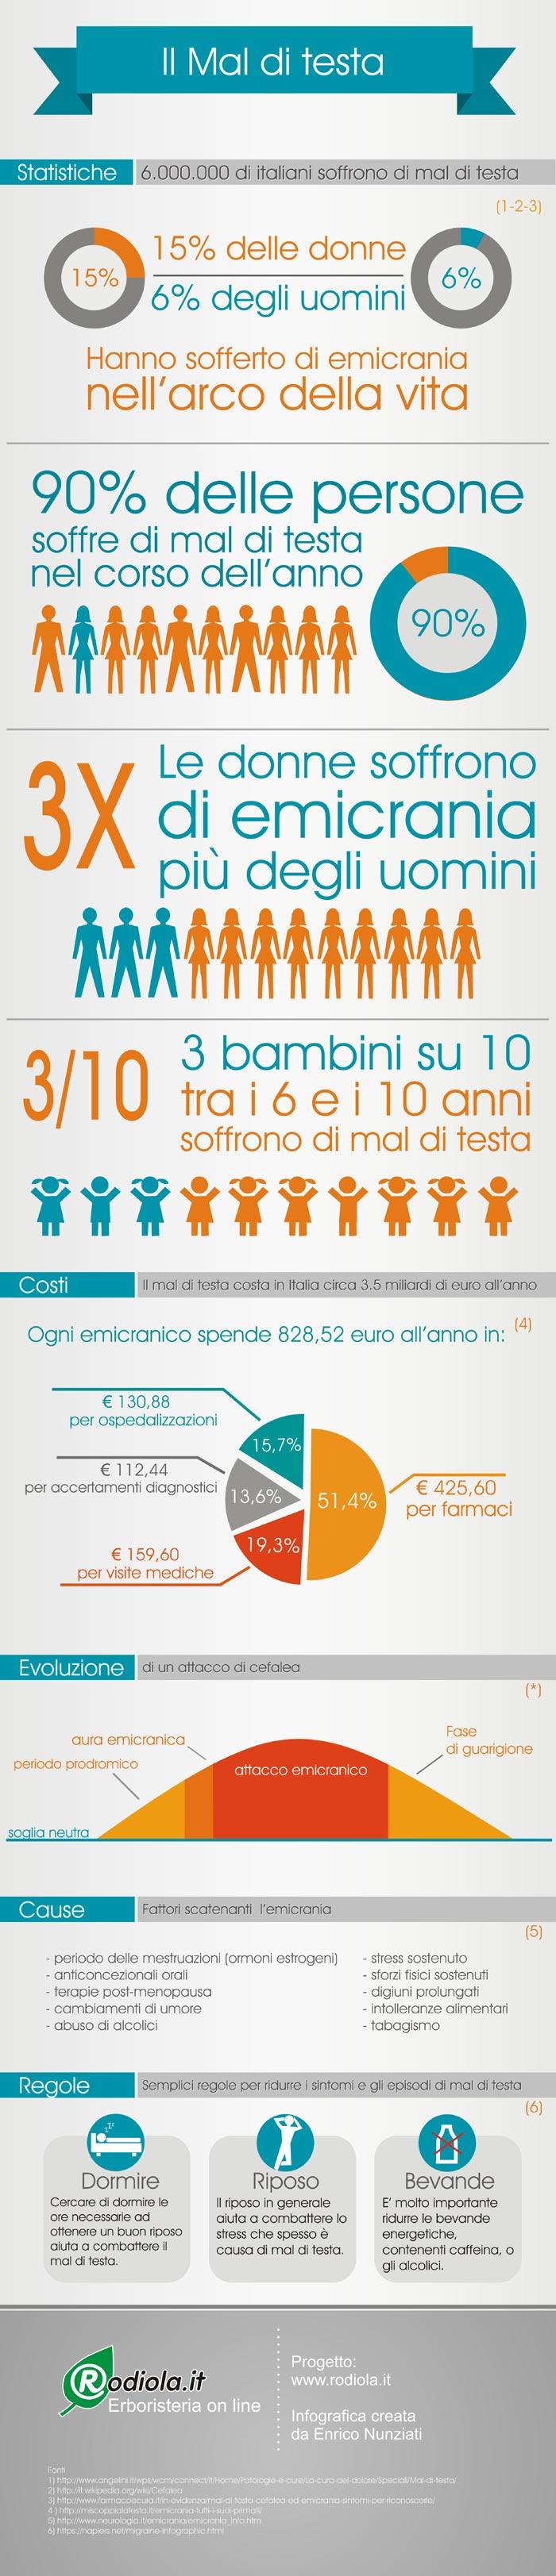 Ecmicrania e mal di testa - infografica Rodiola.it